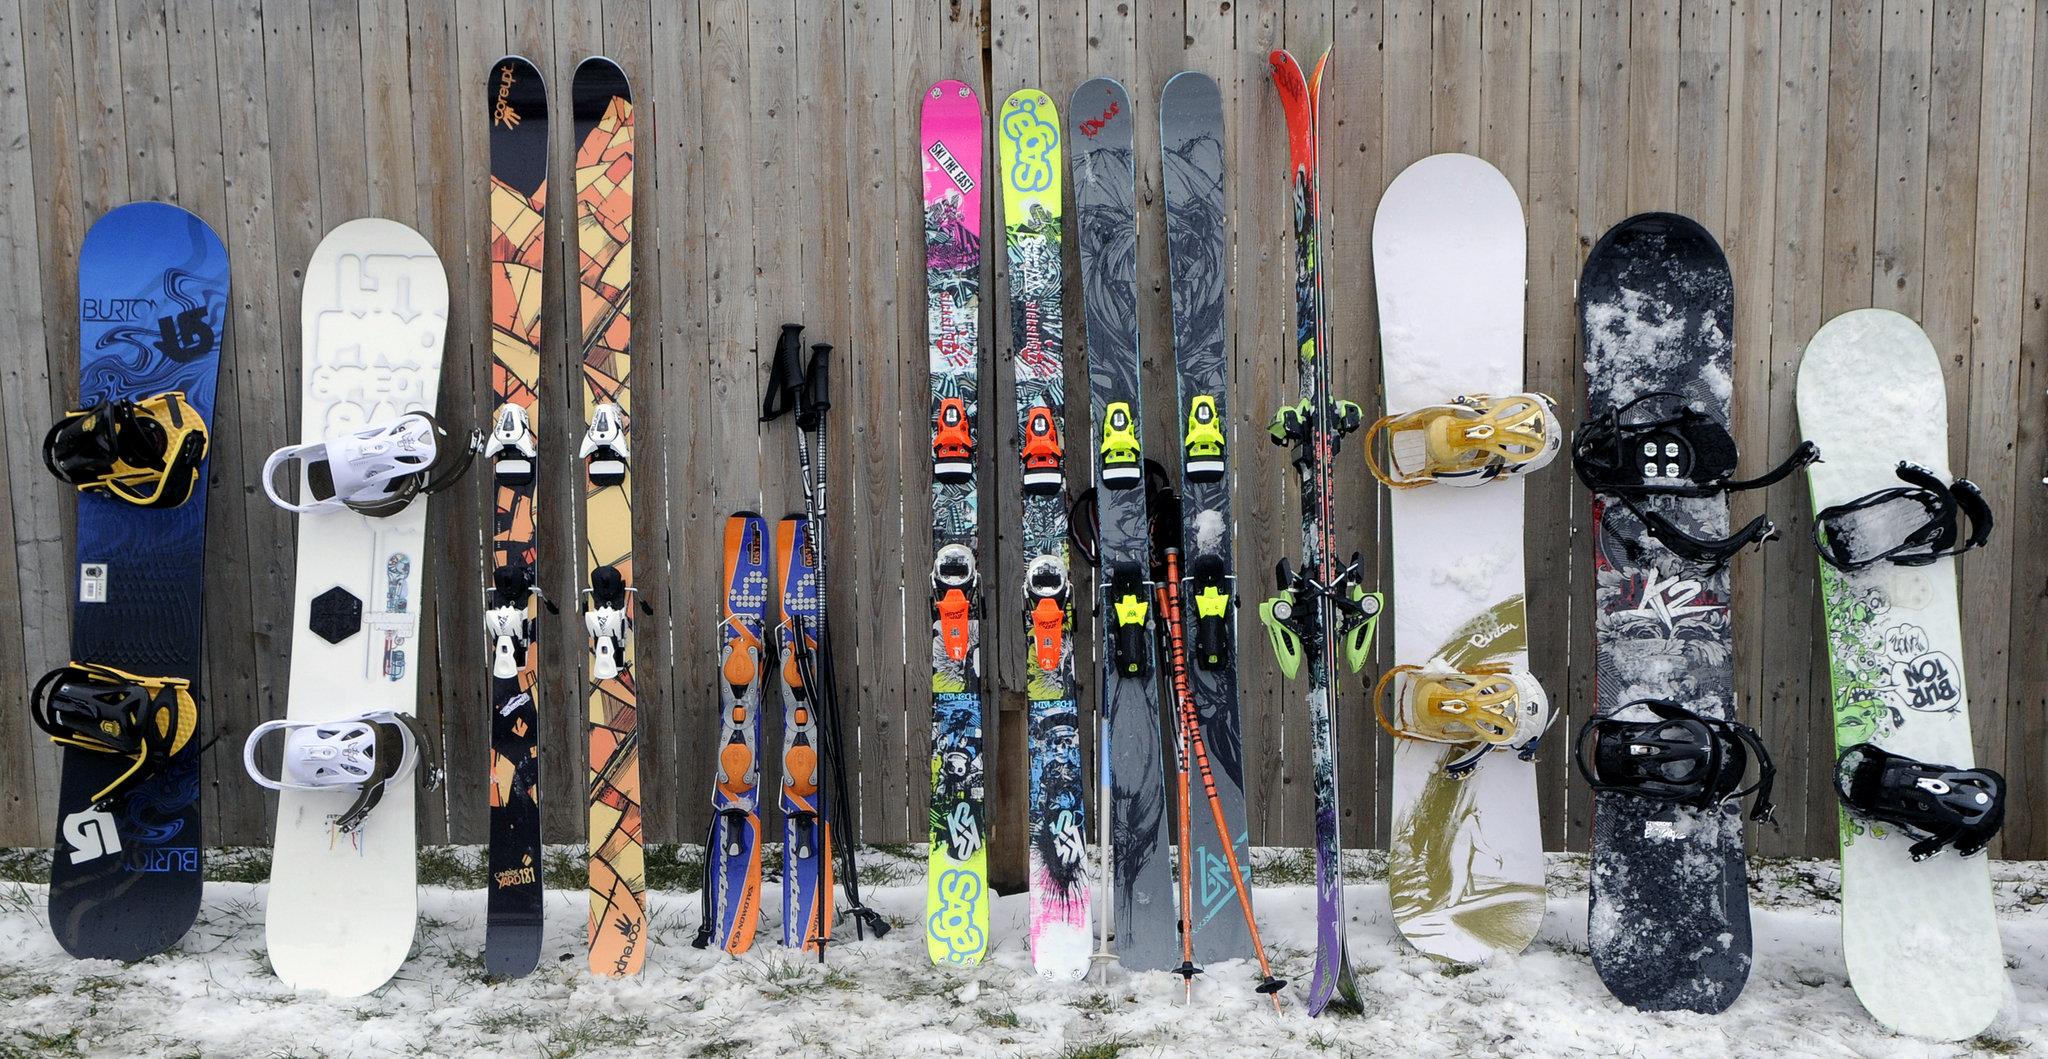 kak-da-izberem-ski-i-snowboard